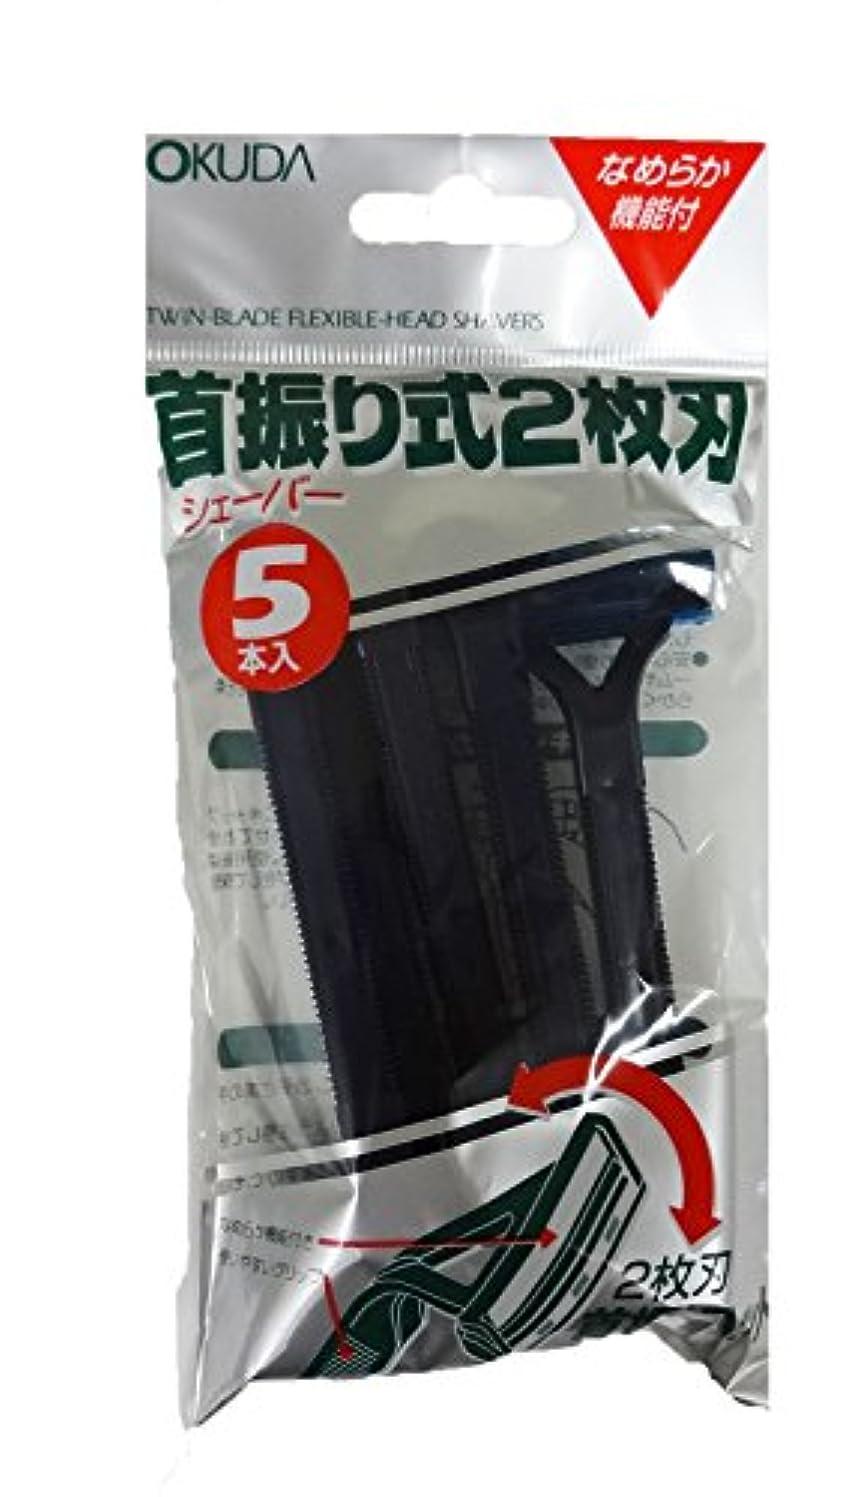 プロットリファインタービン奥田薬品 首振り式2枚刃 使い捨てカミソリ 5本入